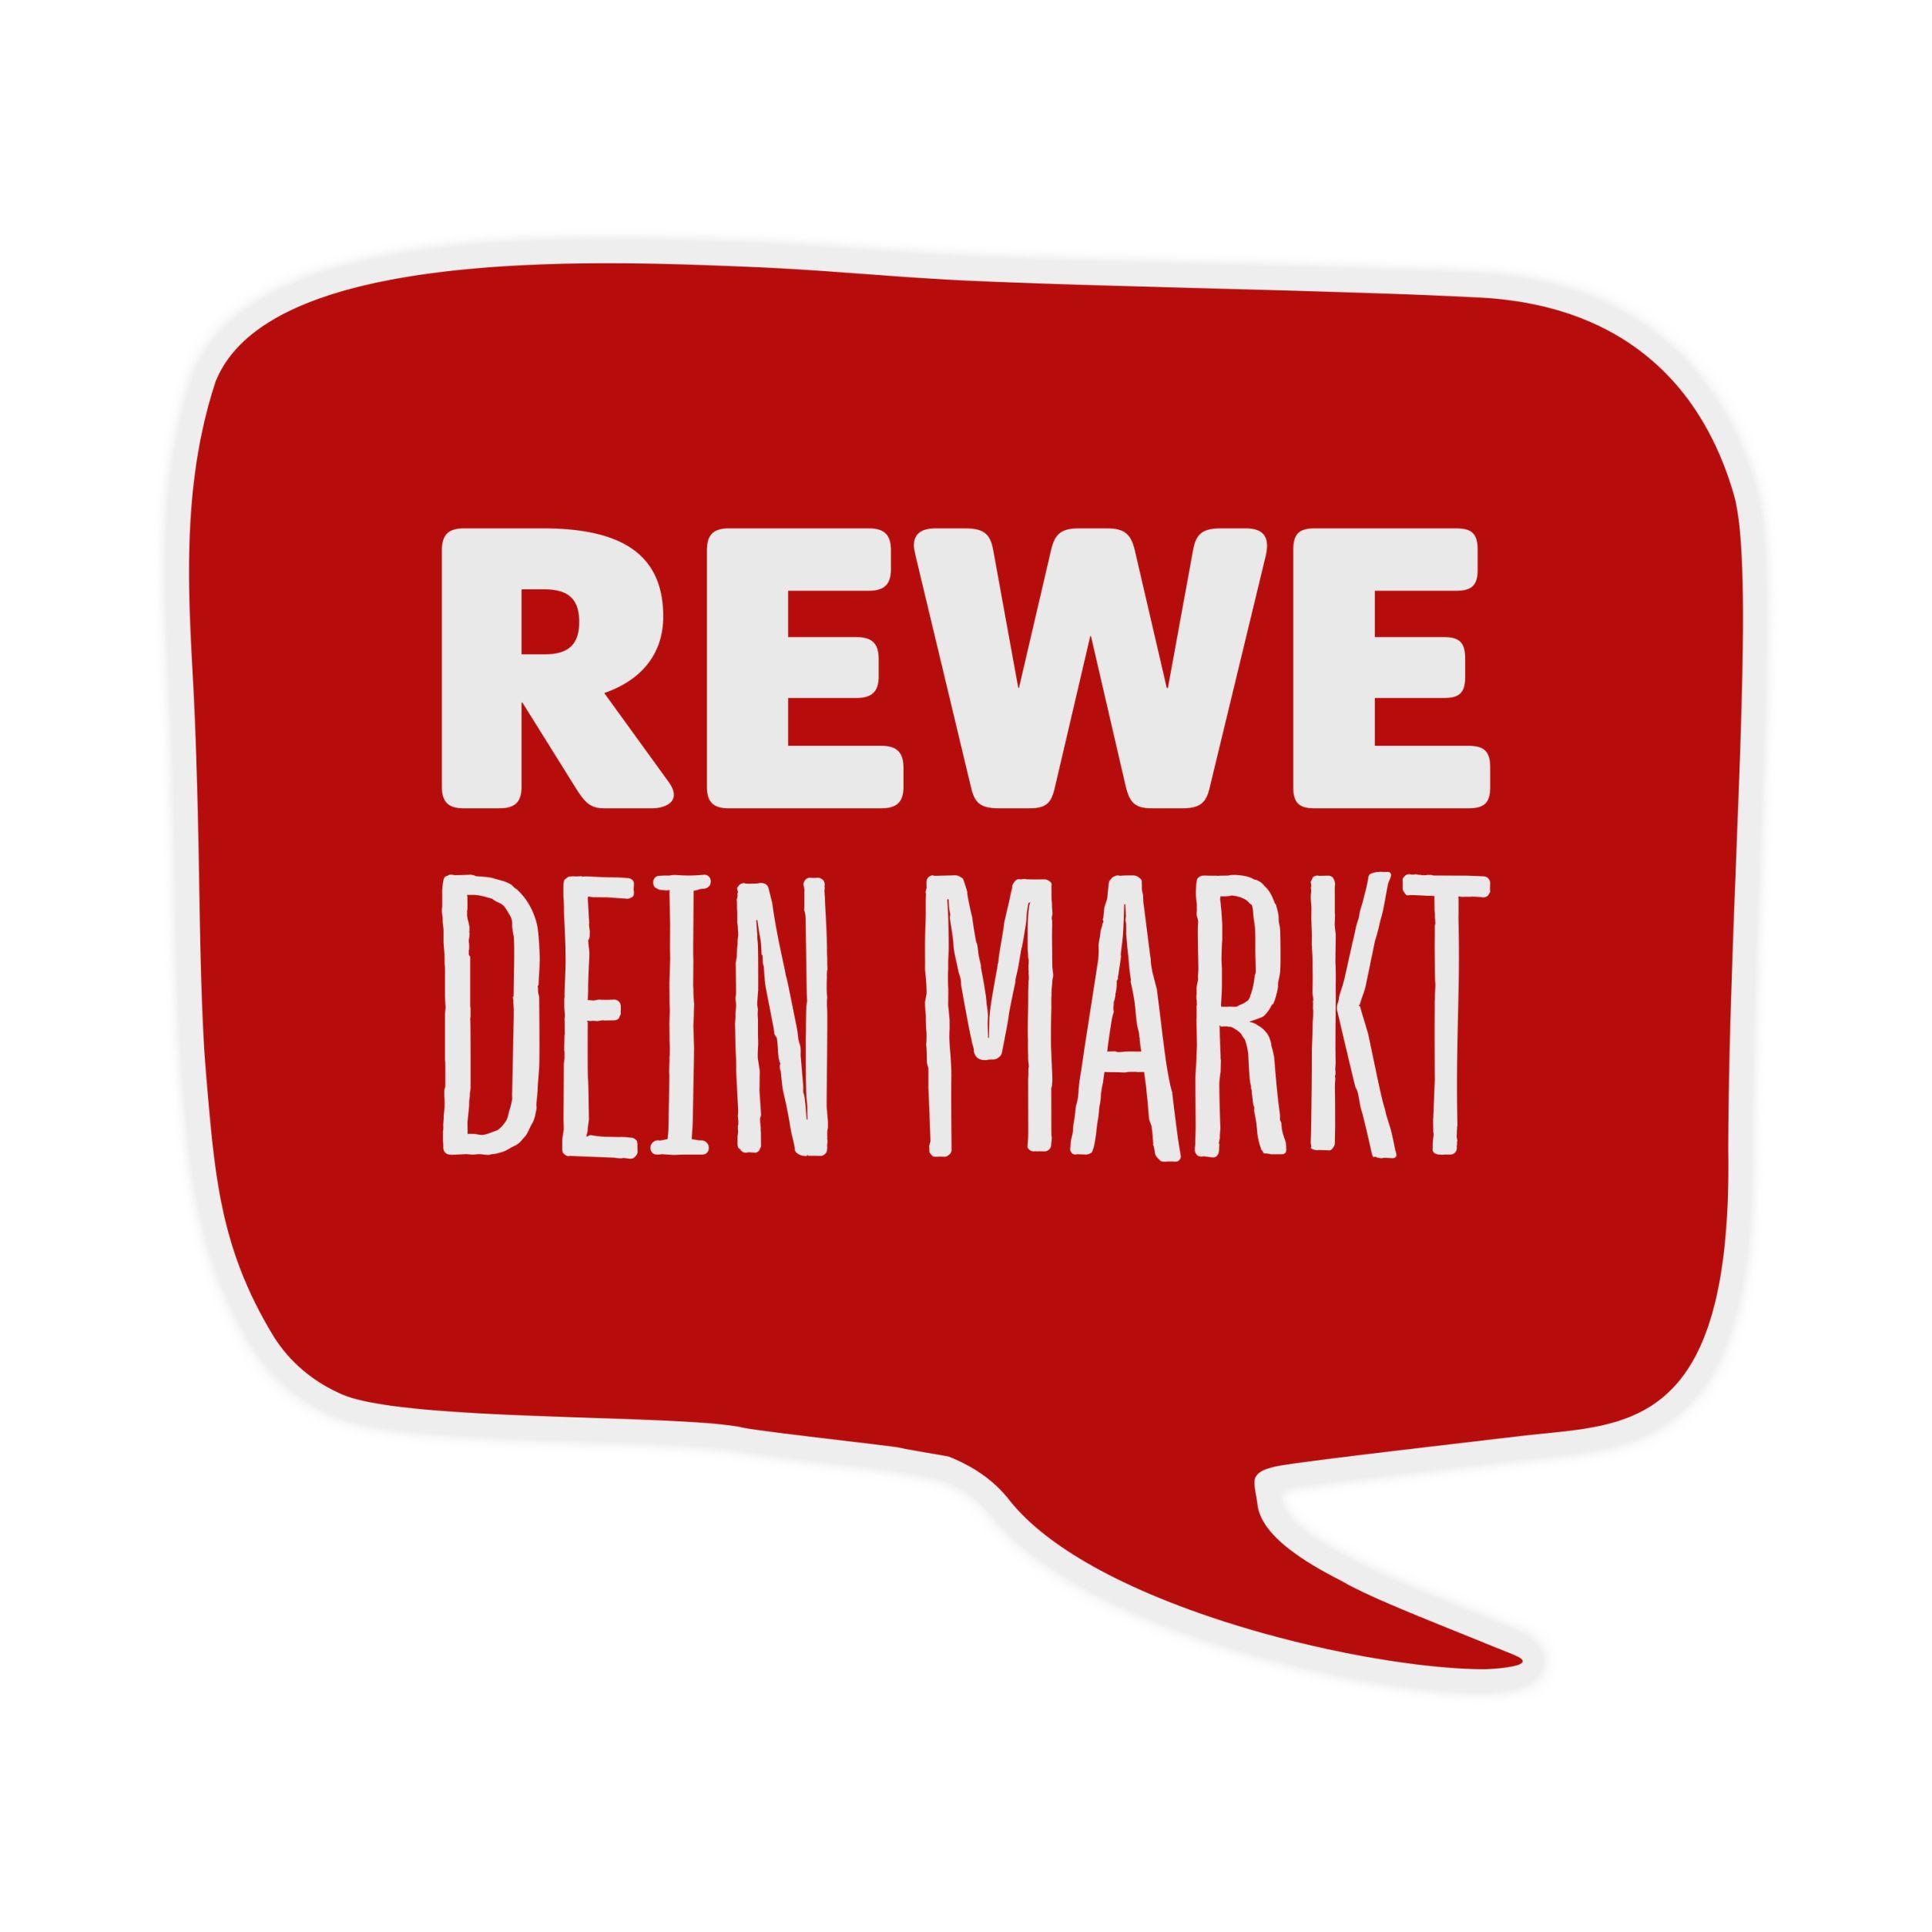 REWE Genschel